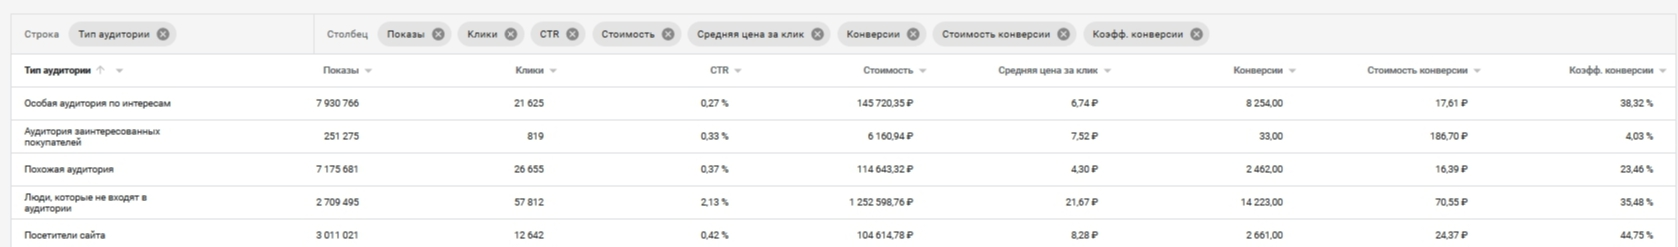 Статистика по аудиториям в интерфейсе Google Ads